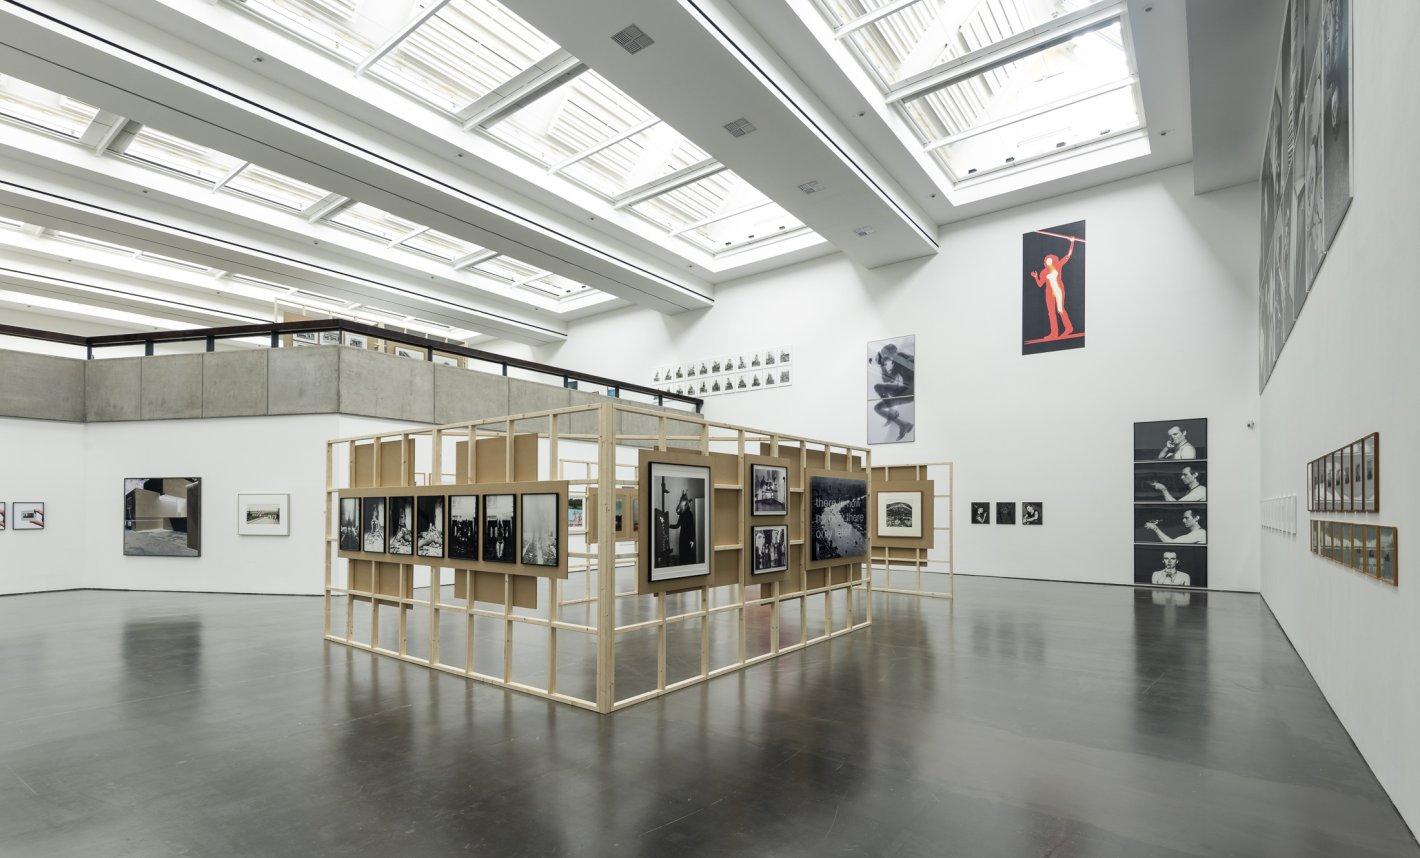 Kunsthalle Dusseldorf